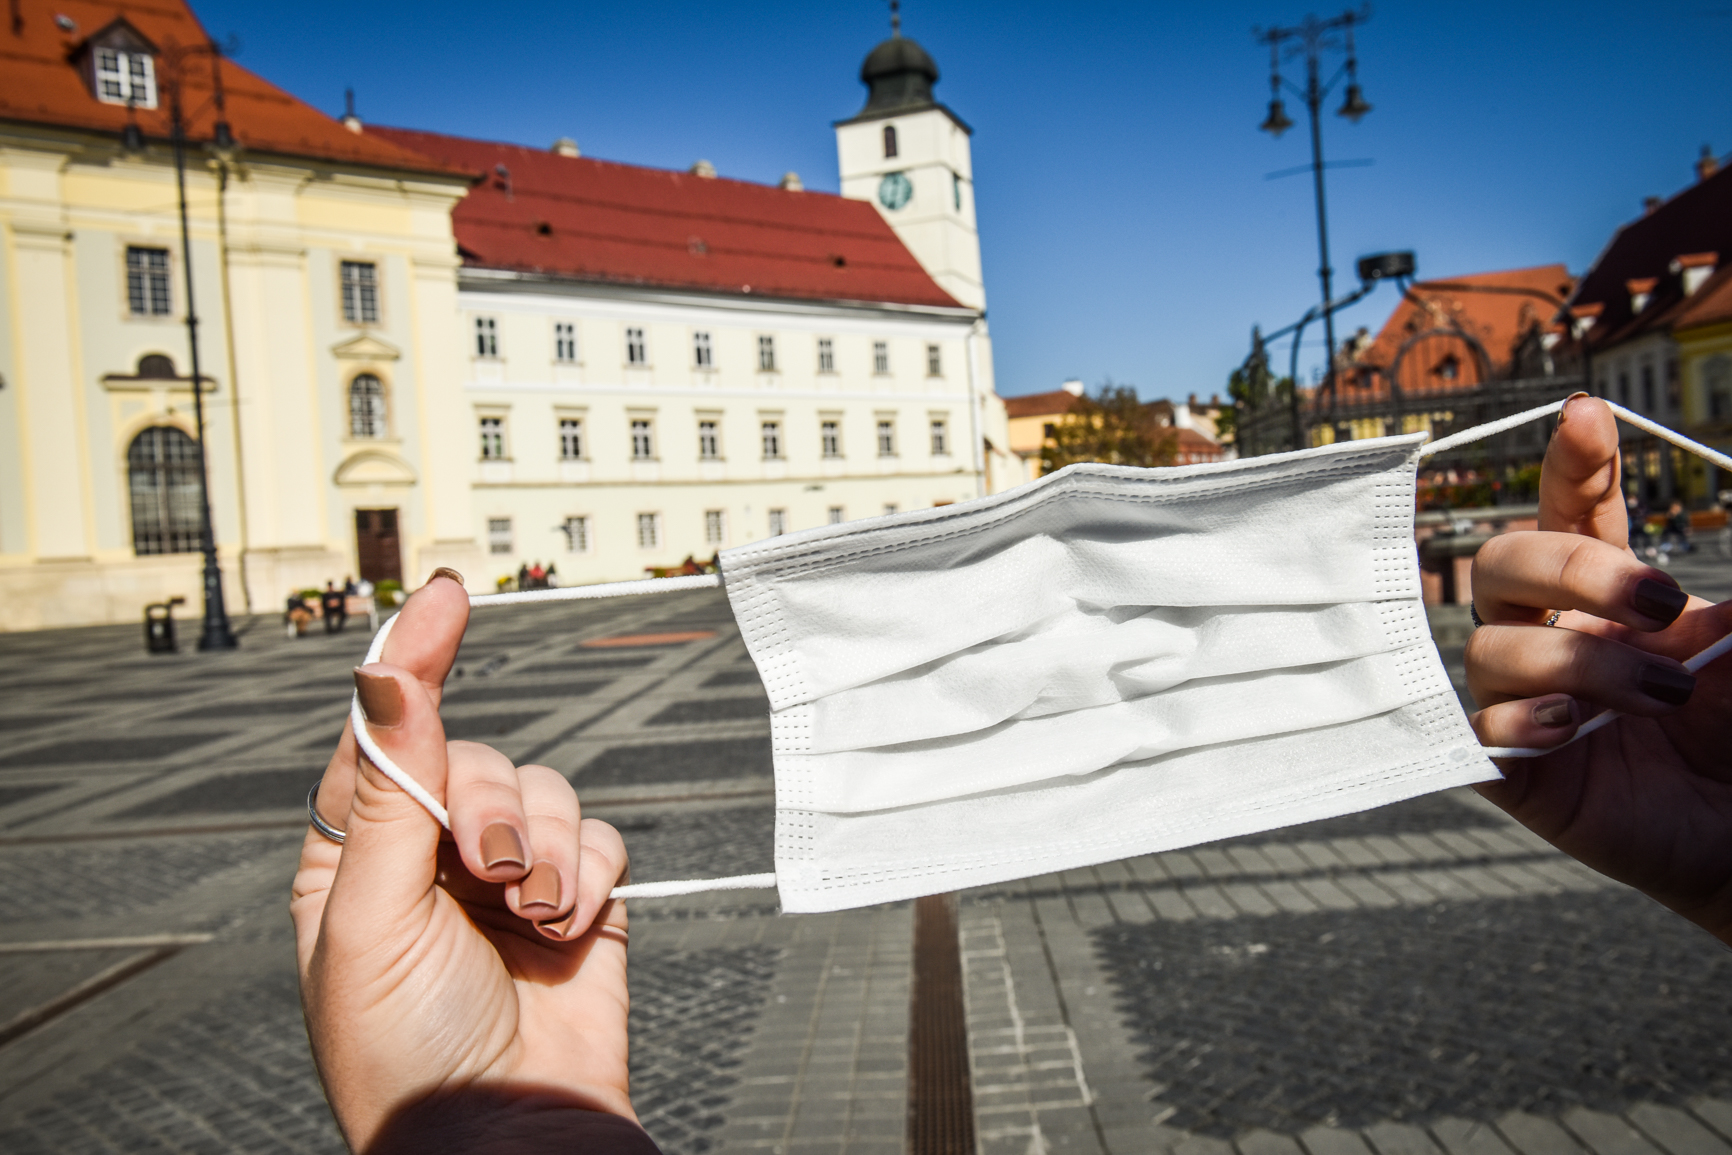 Sibiul intră în scenariul roșu, după ce rata incidenței a ajuns la 3,24. Școală online, cinematografe și restaurante închise, mască obligatorie